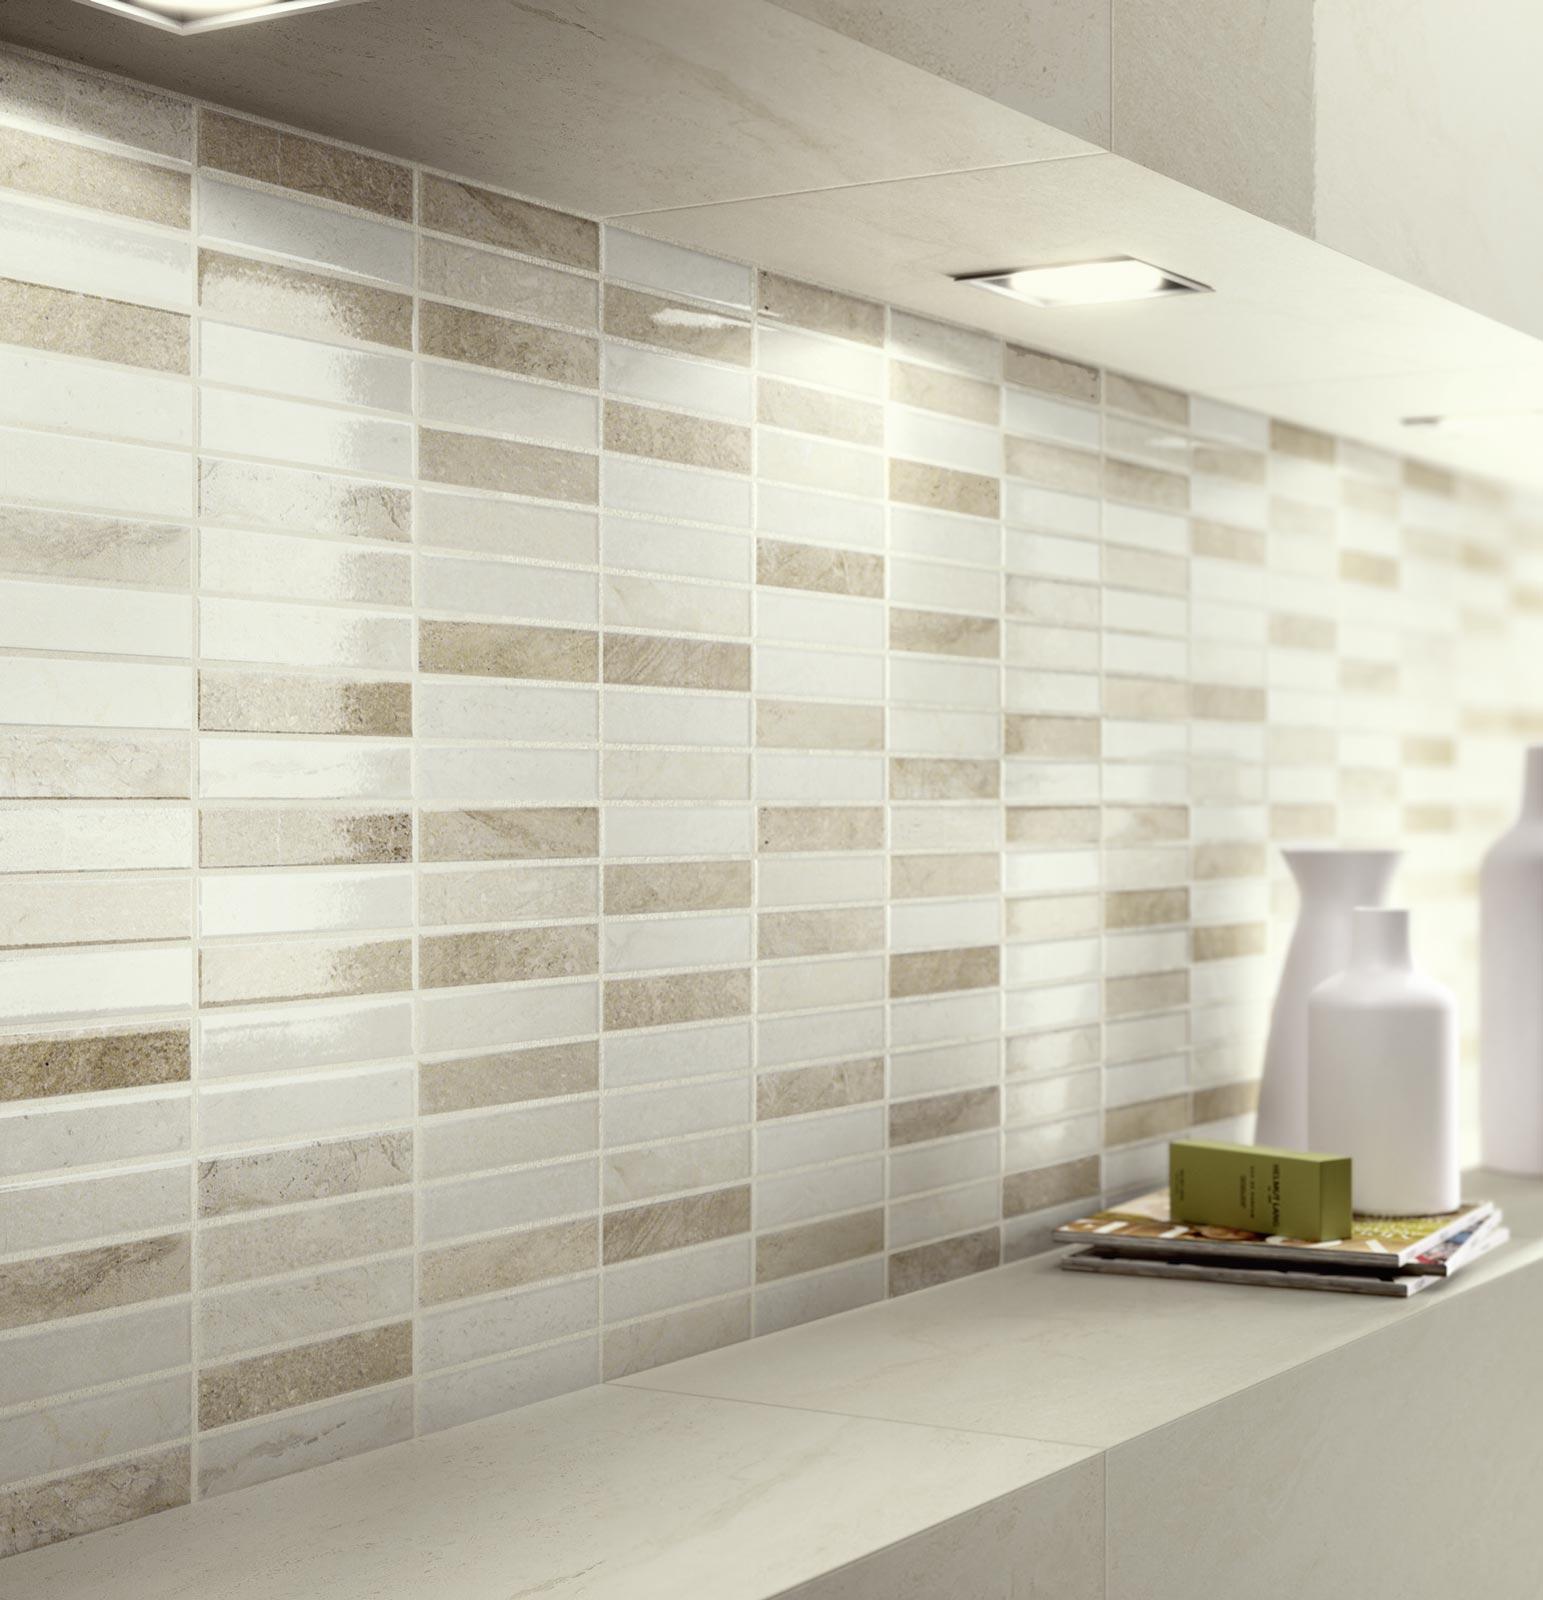 Collezione grace piastrelle in ceramica per il tuo bagno ragno - Pannelli per coprire piastrelle bagno ...